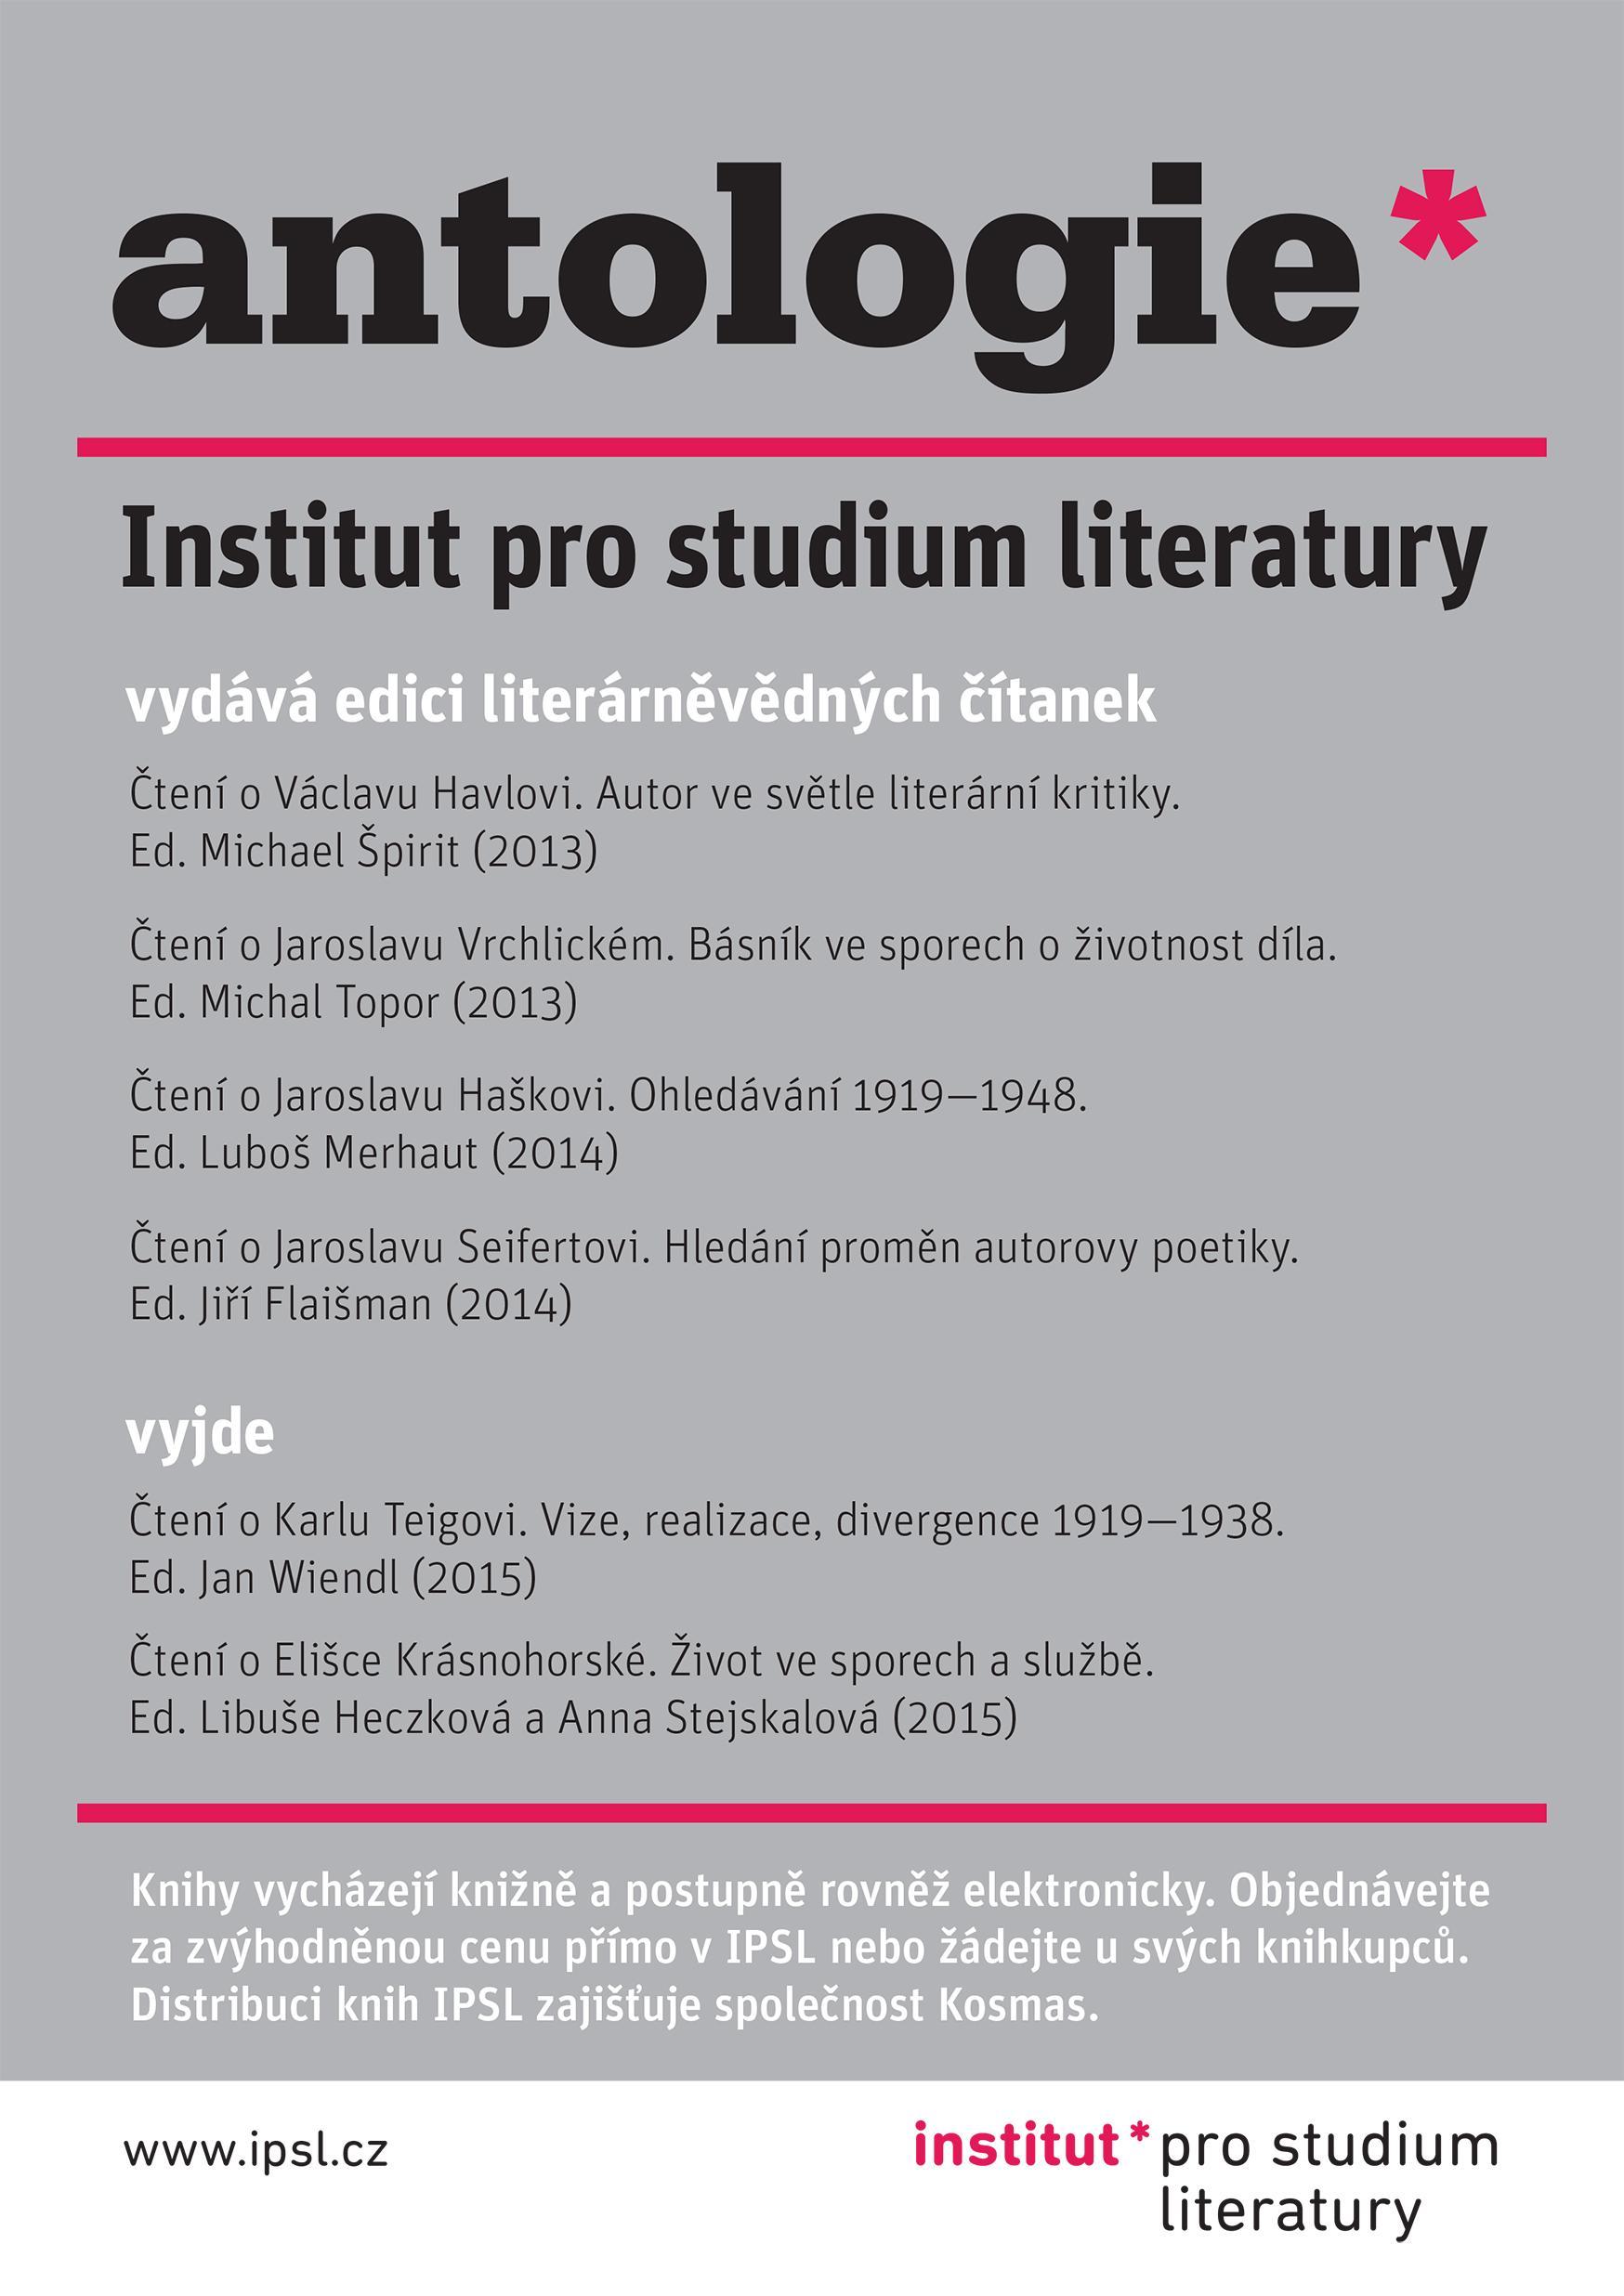 Institut pro studium literatury